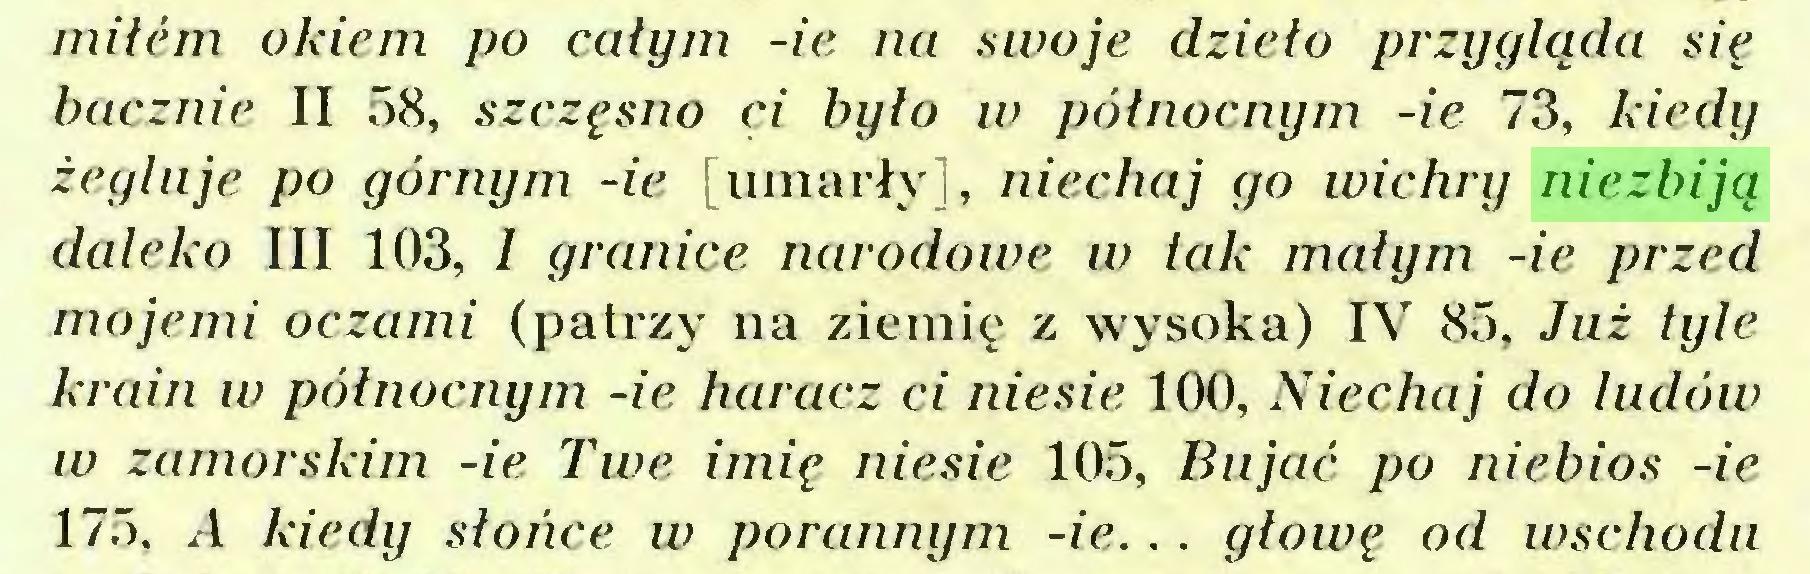 (...) mitem okiem po całym -ie na swoje dzieło przygląda się bacznie II 58, szczęsno ci było w północnym -ie 73, kiedy żegluje po górnym -ie [umarły], niechaj go wichry niezbiją daleko III 103, I granice narodowe w tak małym -ie przed mojemi oczami (patrzy na ziemię z wysoka) IV 85, Już tyle krain w północnym -ie haracz ci niesie 100, Niechaj do ludów w zamorskim -ie Twe imię niesie 105, Bujać po niebios -ie 175, A kiedy słońce w porannym -ie. . . głowę od wschodu...